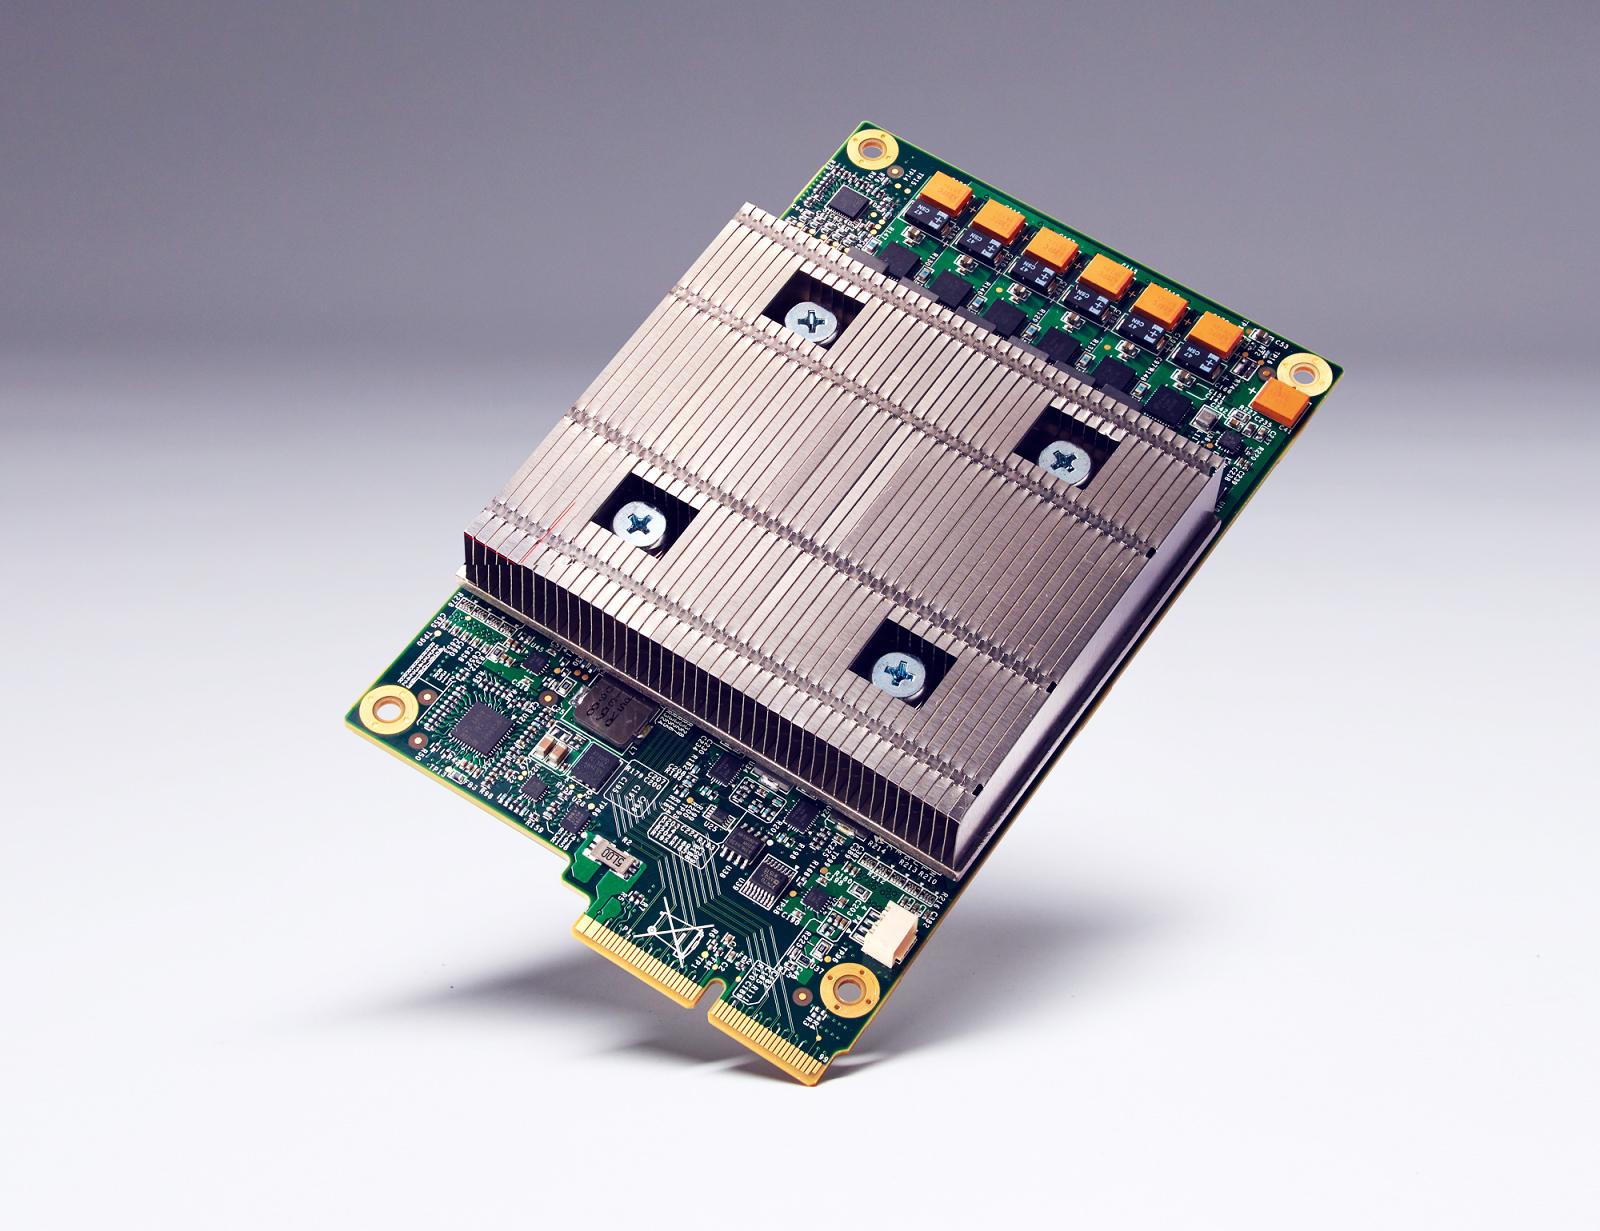 Google Reveals AI Chip at I/O